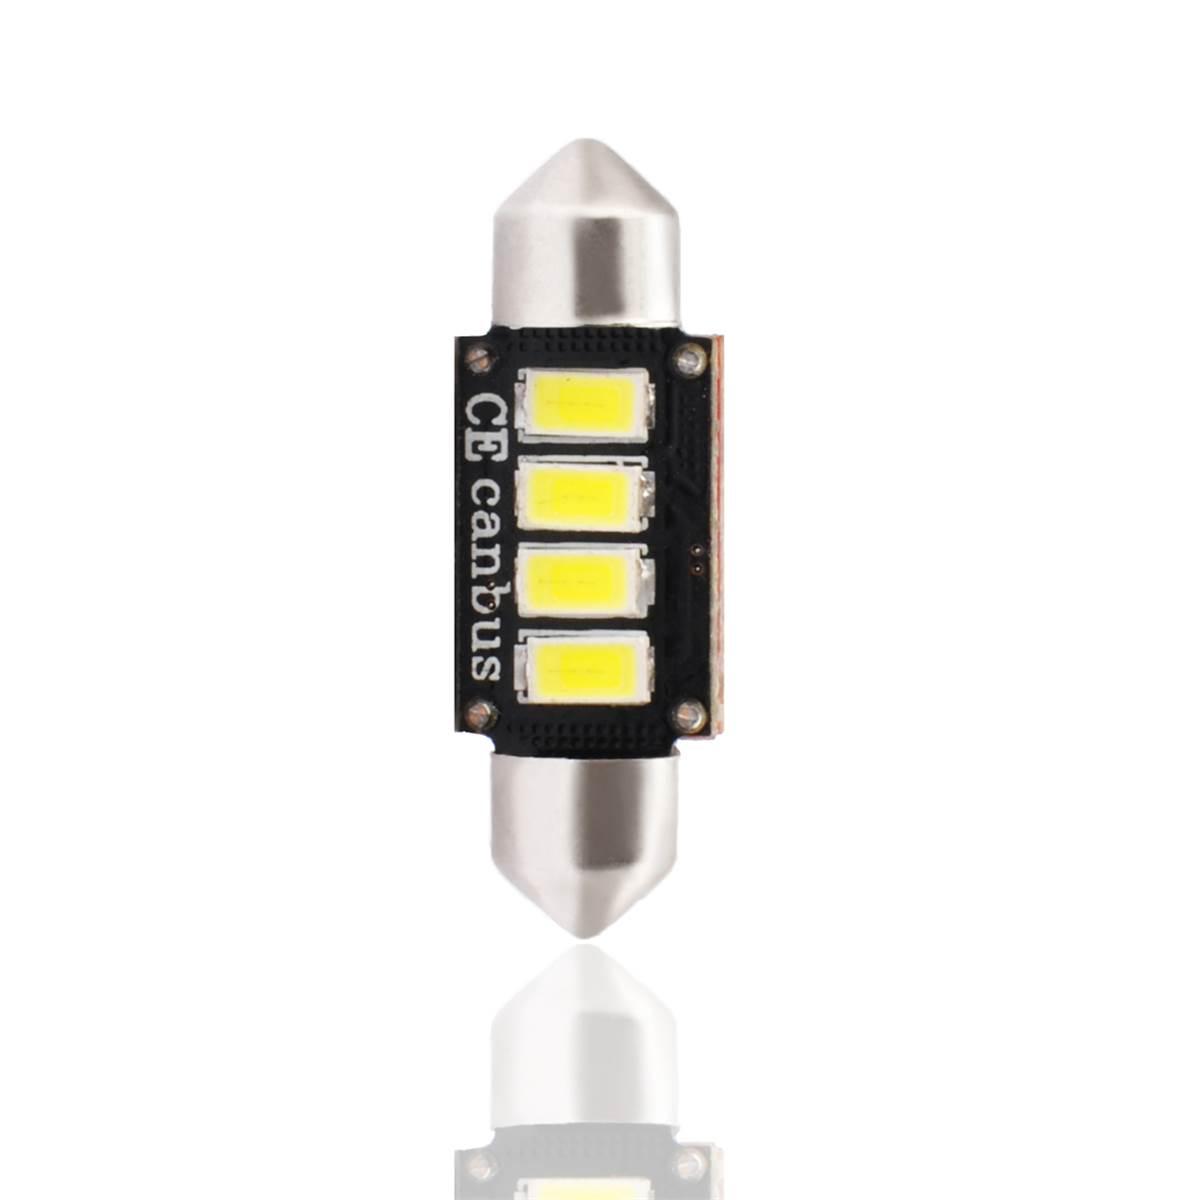 2 ampoules navette à LED CANBUS blanc 36 mm